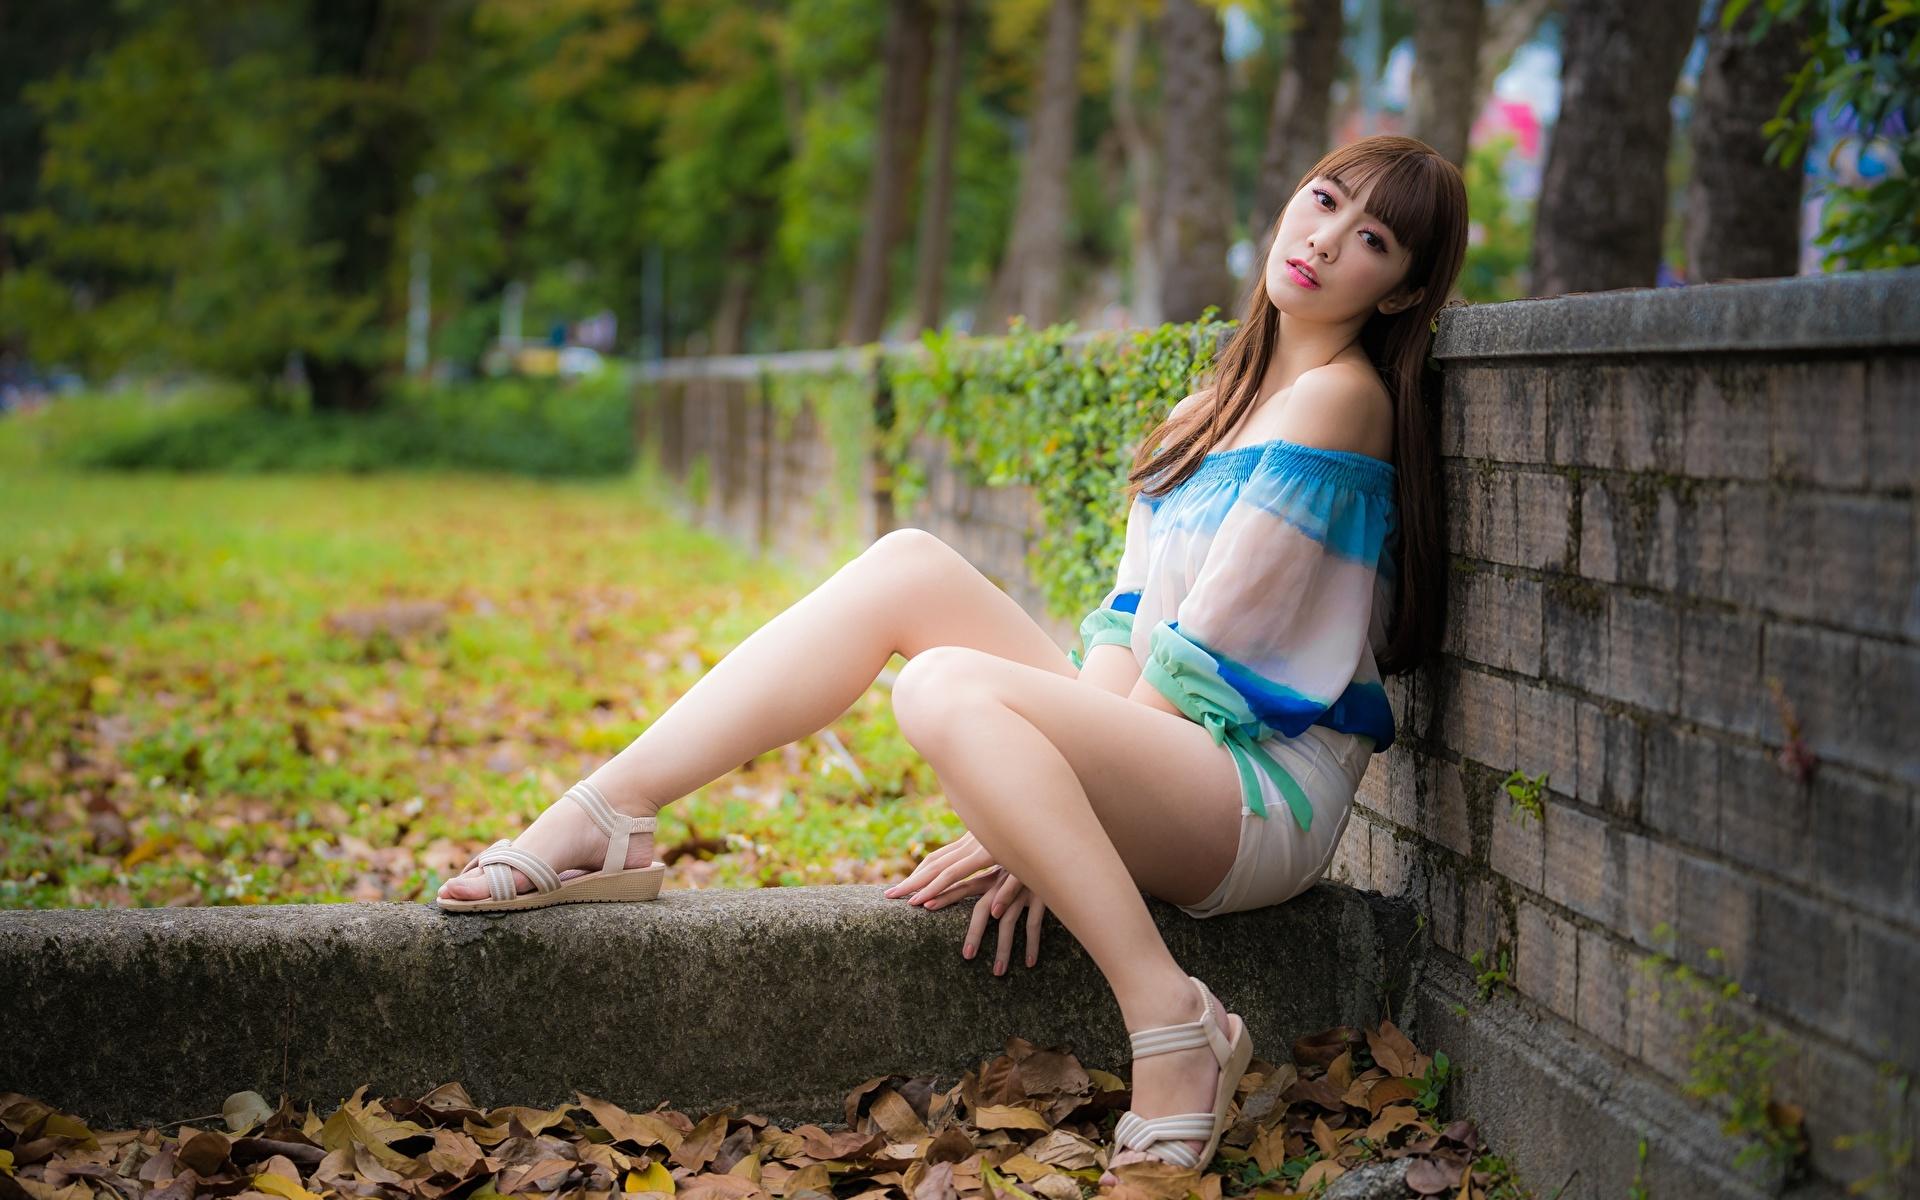 Картинки Листья Шатенка девушка Ноги Забор Азиаты Сидит 1920x1200 лист Листва шатенки Девушки молодая женщина молодые женщины ног ограда забора азиатки азиатка забором сидя сидящие